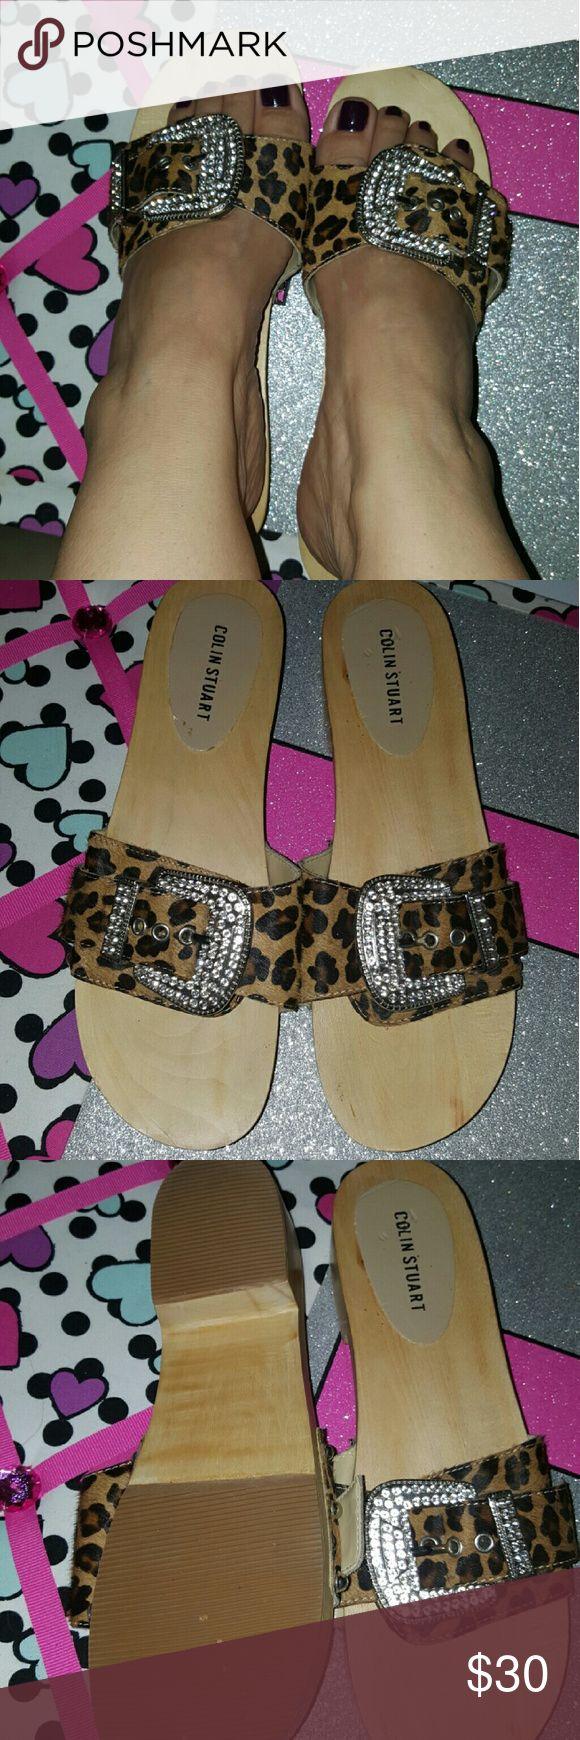 Cute!!! Colin Stuart shoes, size 7.5,? New Cute!!! Colin Stuart shoes, size 7.5,? New never used, bought them at Victoria's Secret catalog, animal hide and wood soles Colin Stuart Shoes Sandals